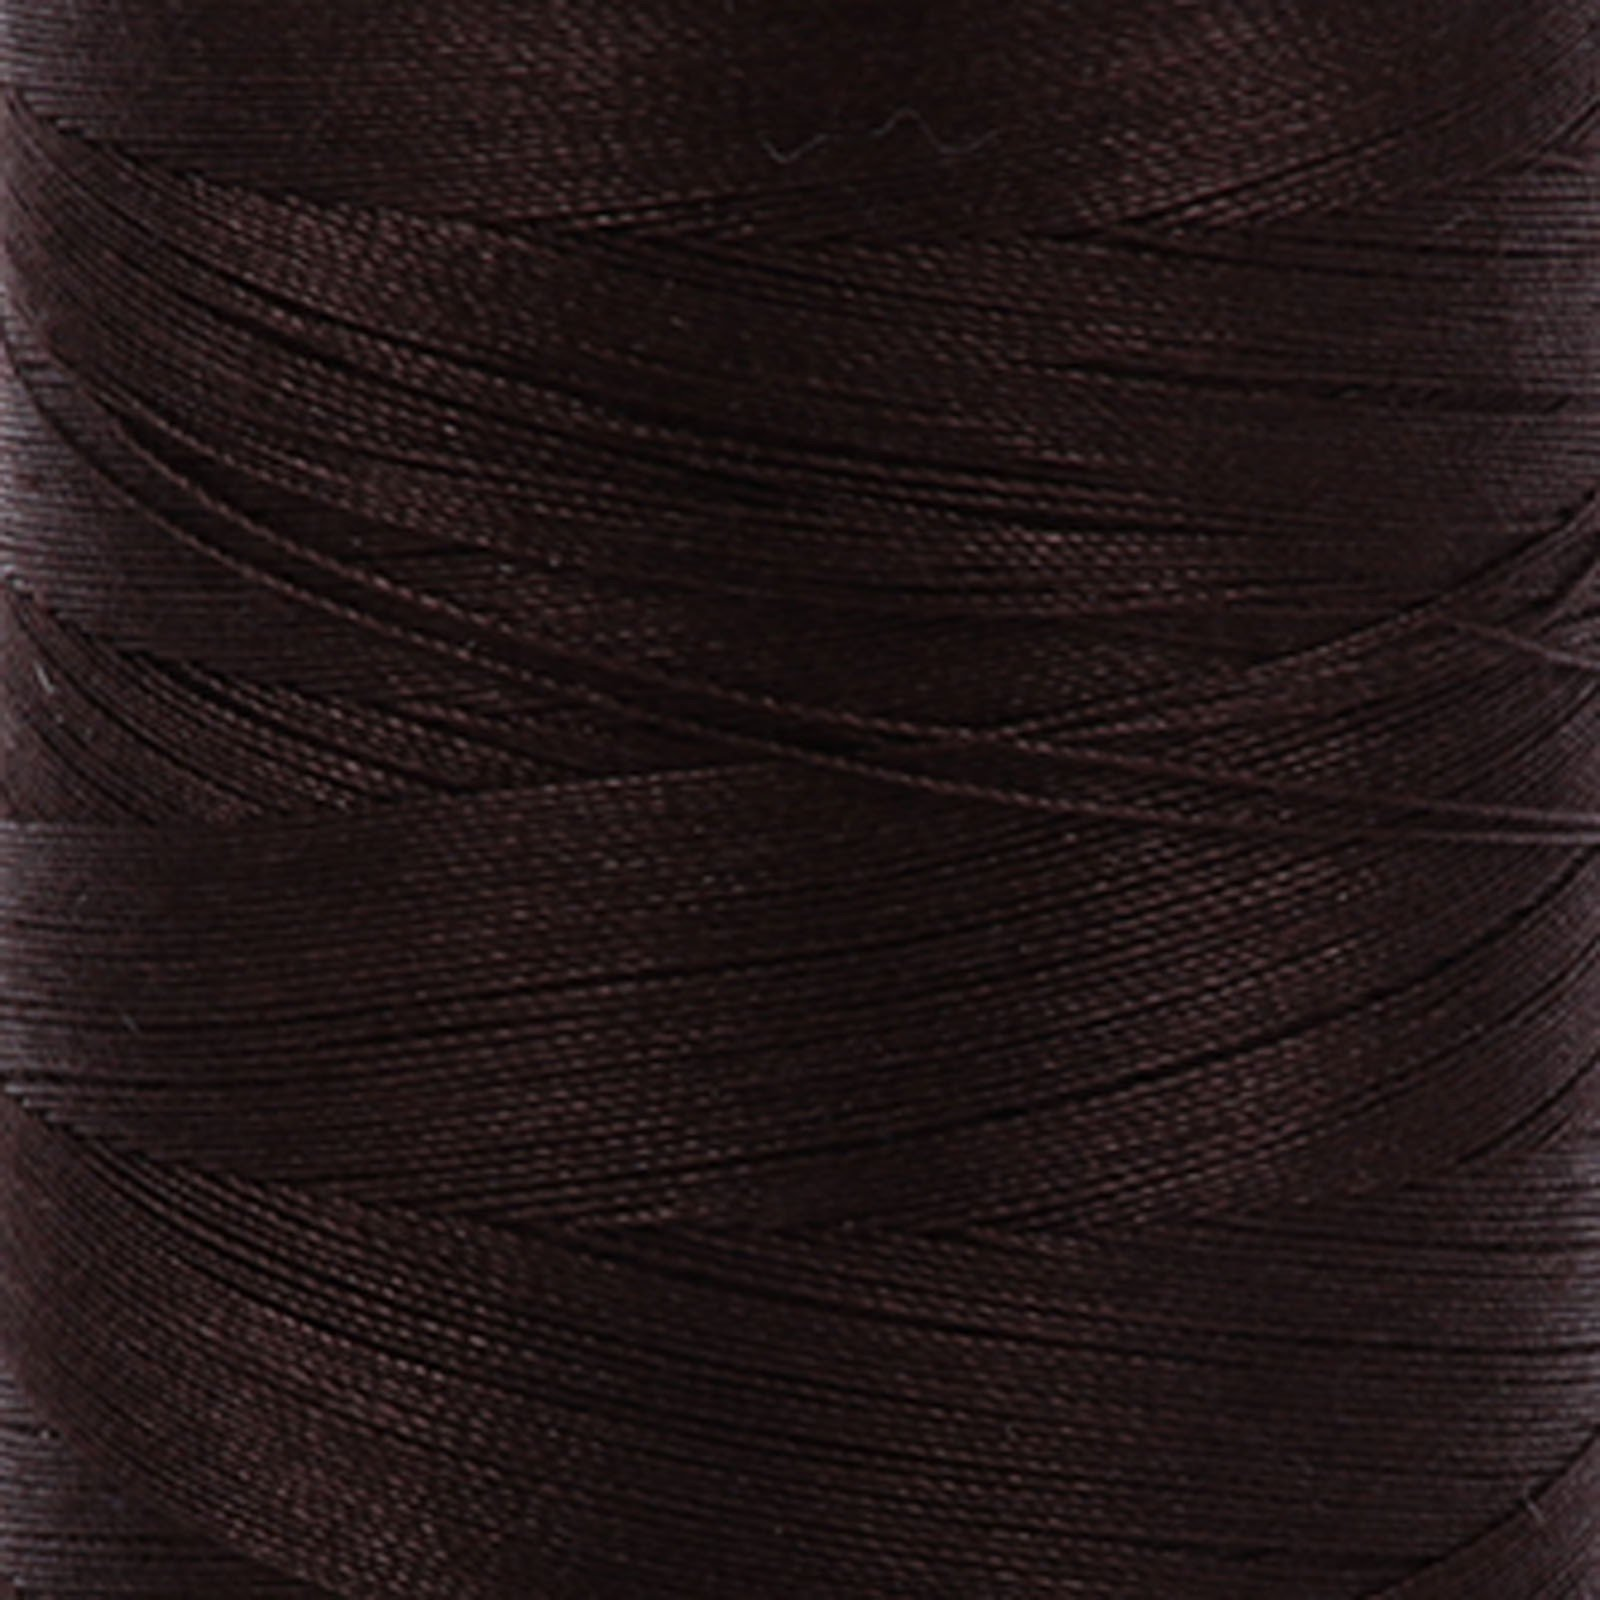 Aurifil Cotton 1130 50wt 220 yds